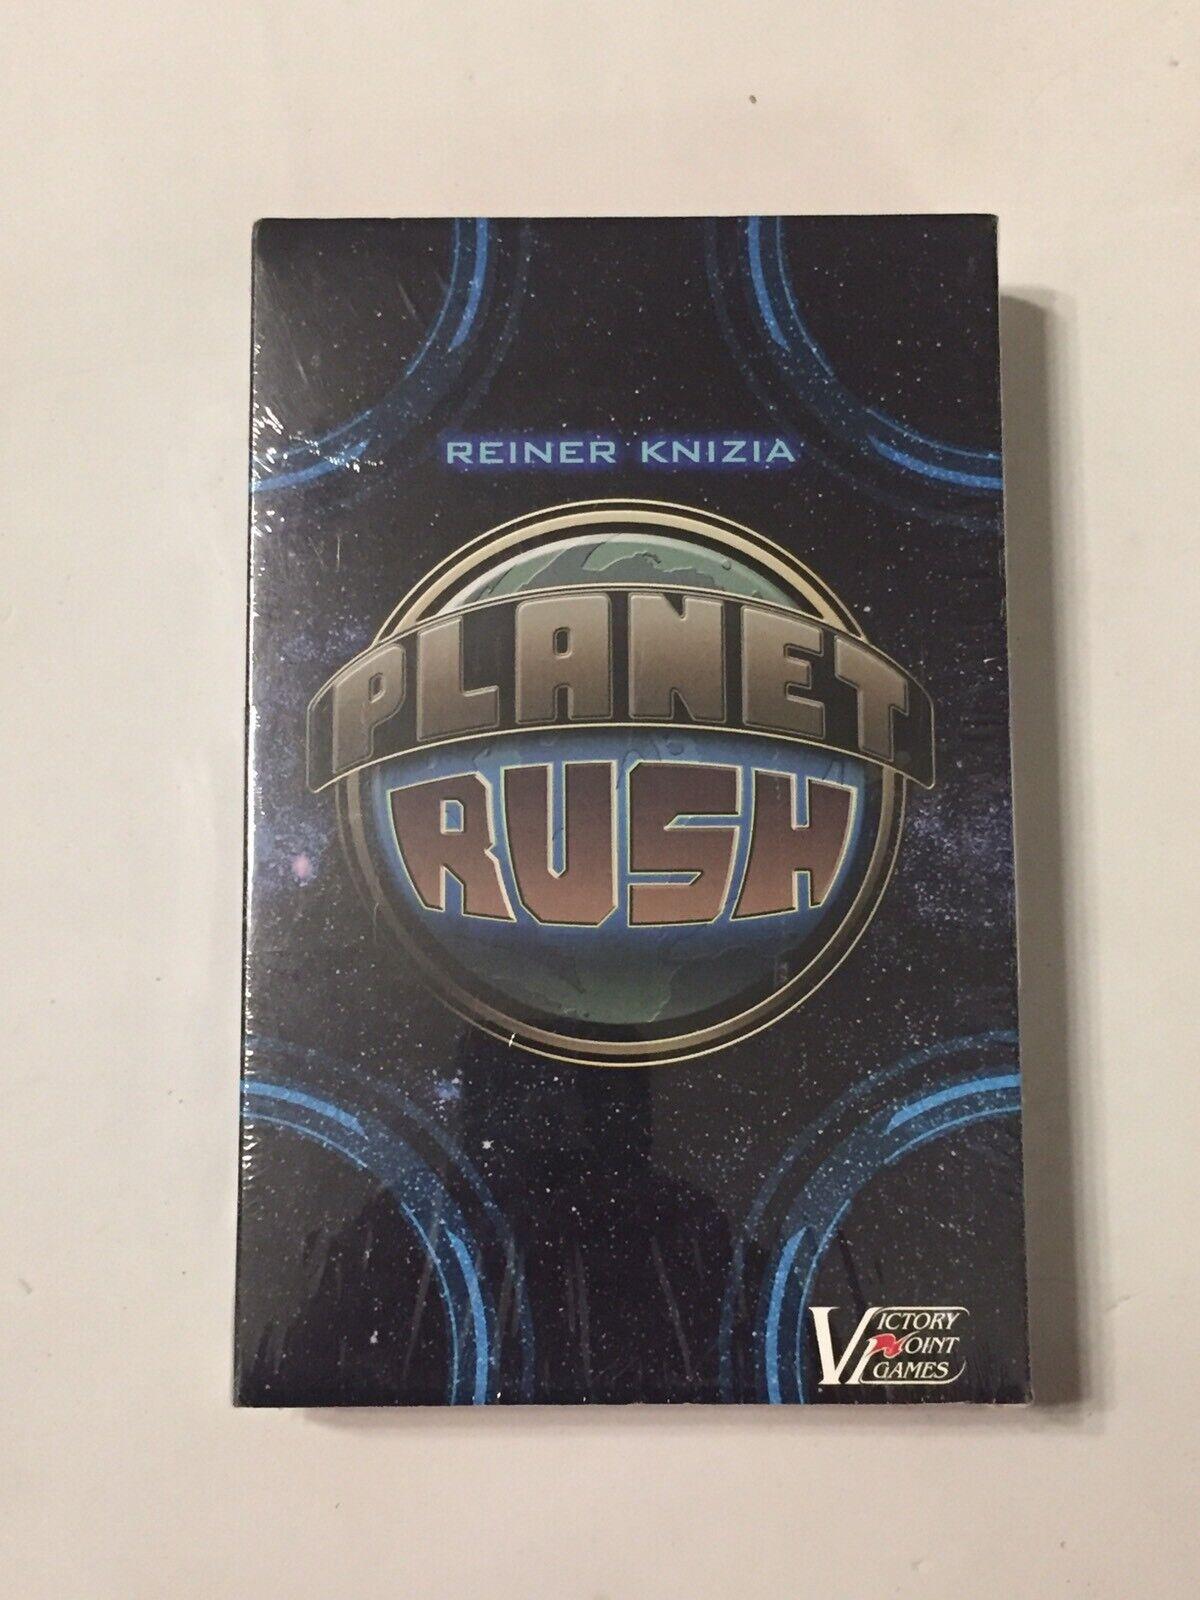 Planet Rush par Reiner Knizia-Victoire Point Games - 2016-HARD TO FIND